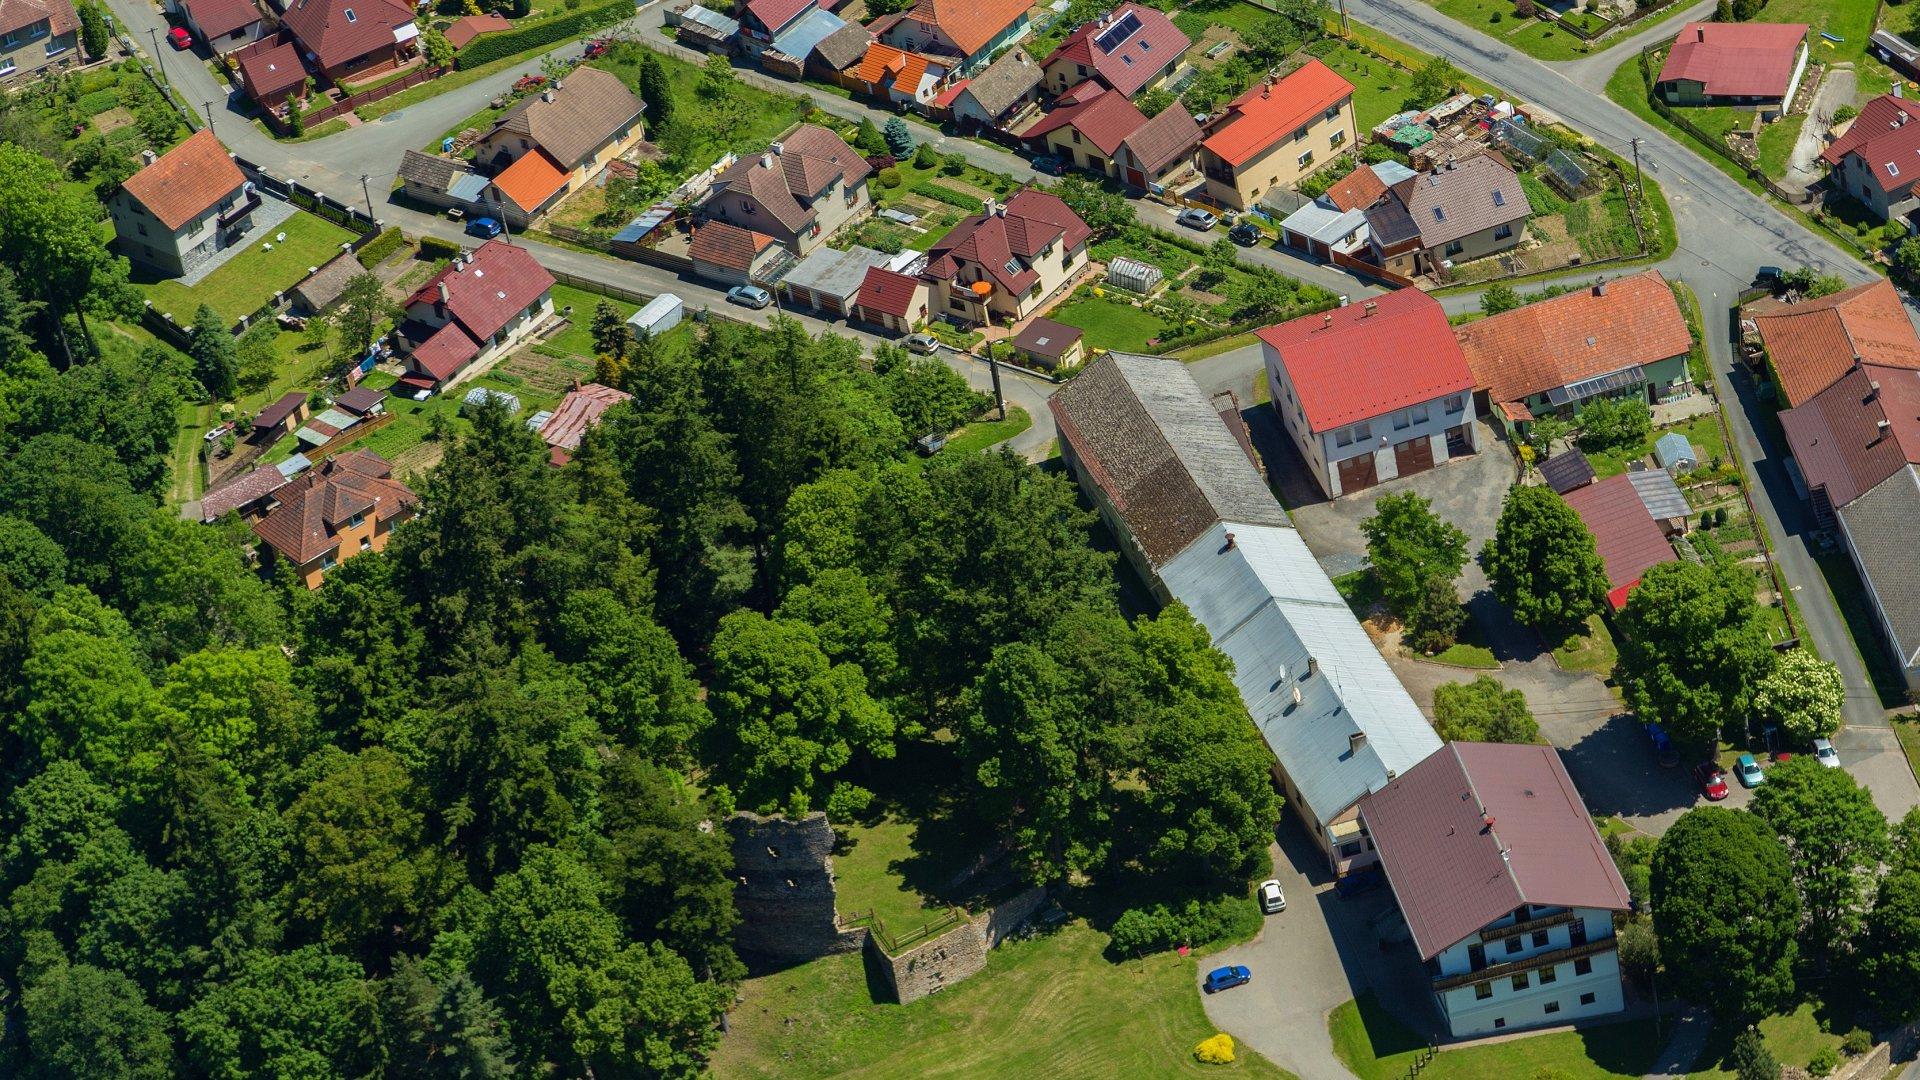 Dalečín z výšky - pohled nad OÚ Dalečín